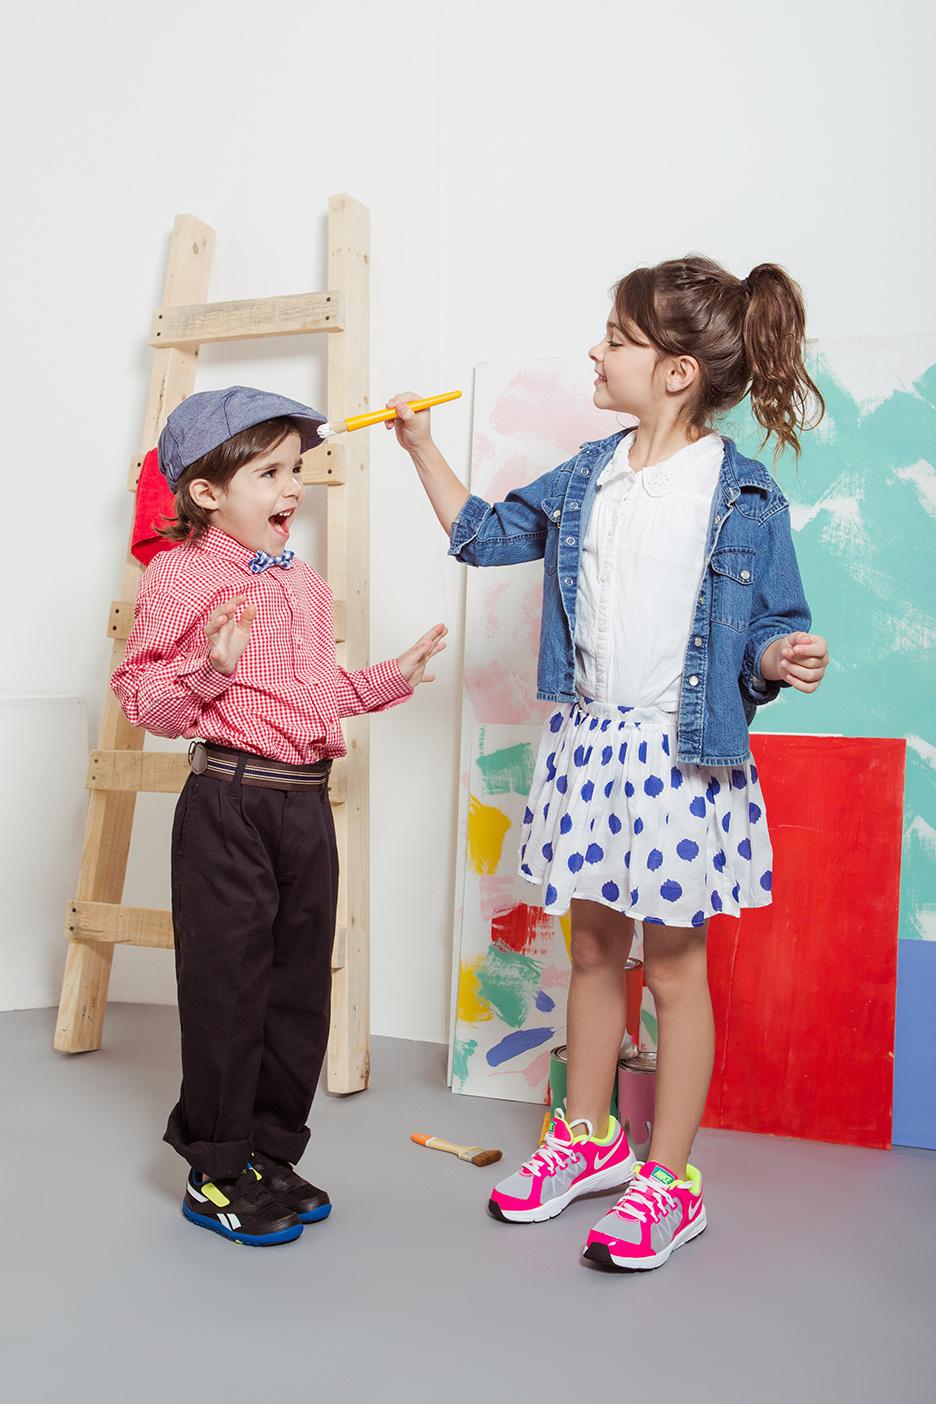 True Kids Mexico Jesy Almaguer